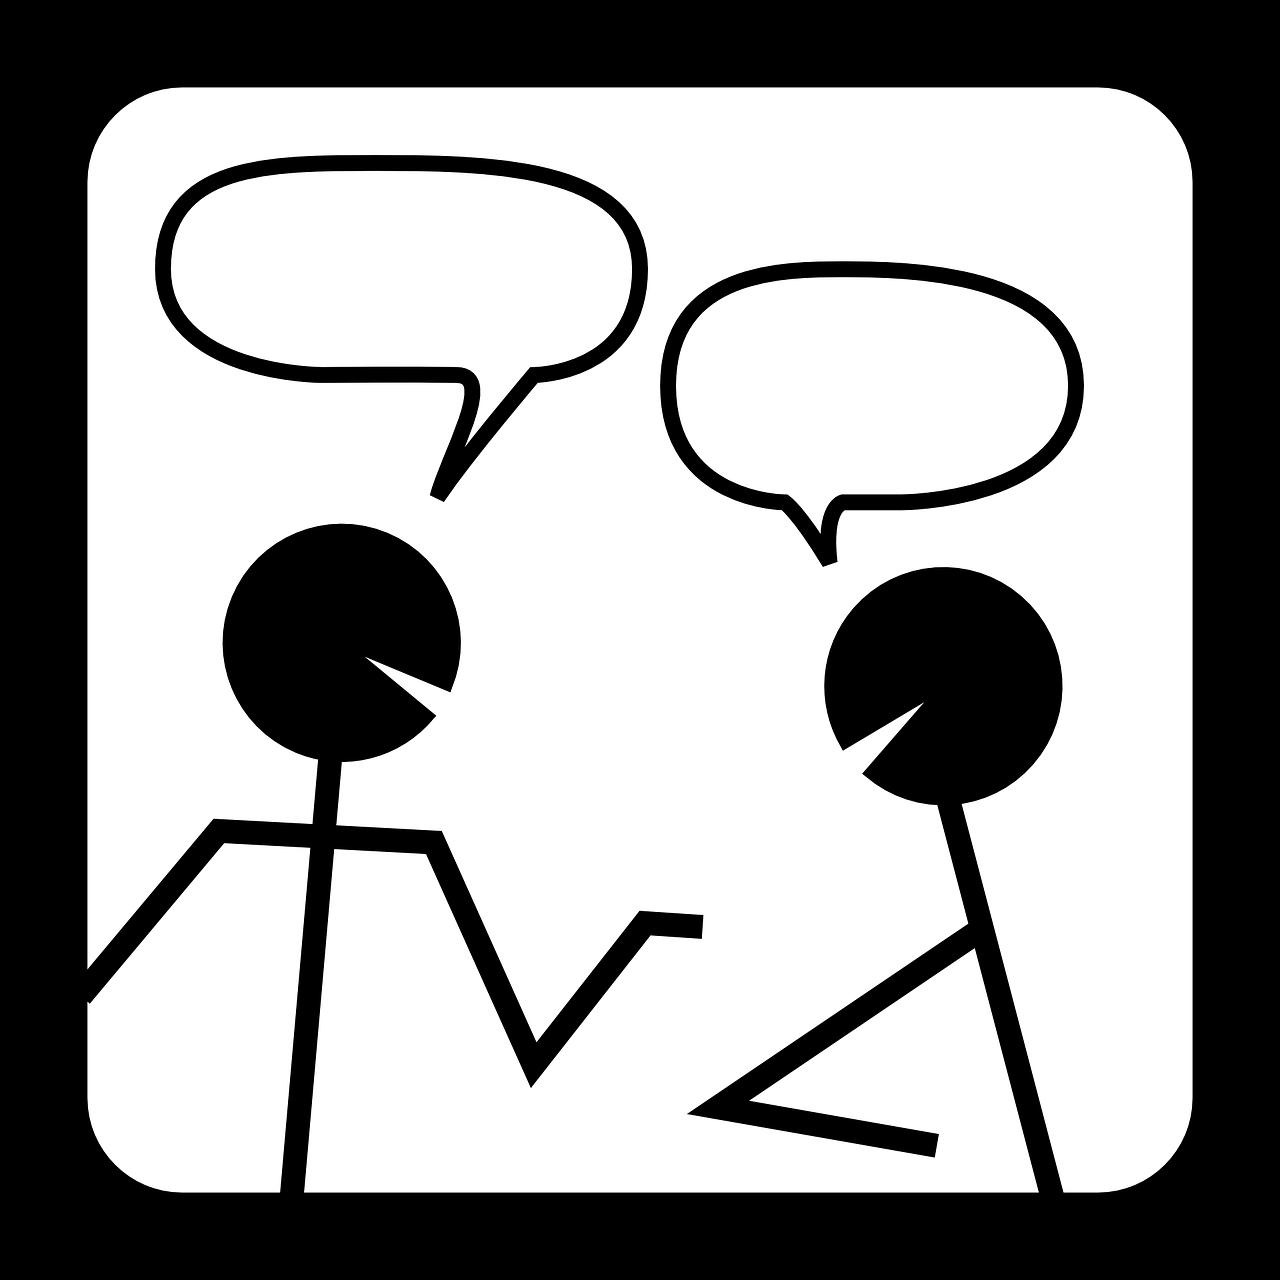 Curso sobre #comunicacion y #lenguaje en niños no verbales con #TEA via @Infortea